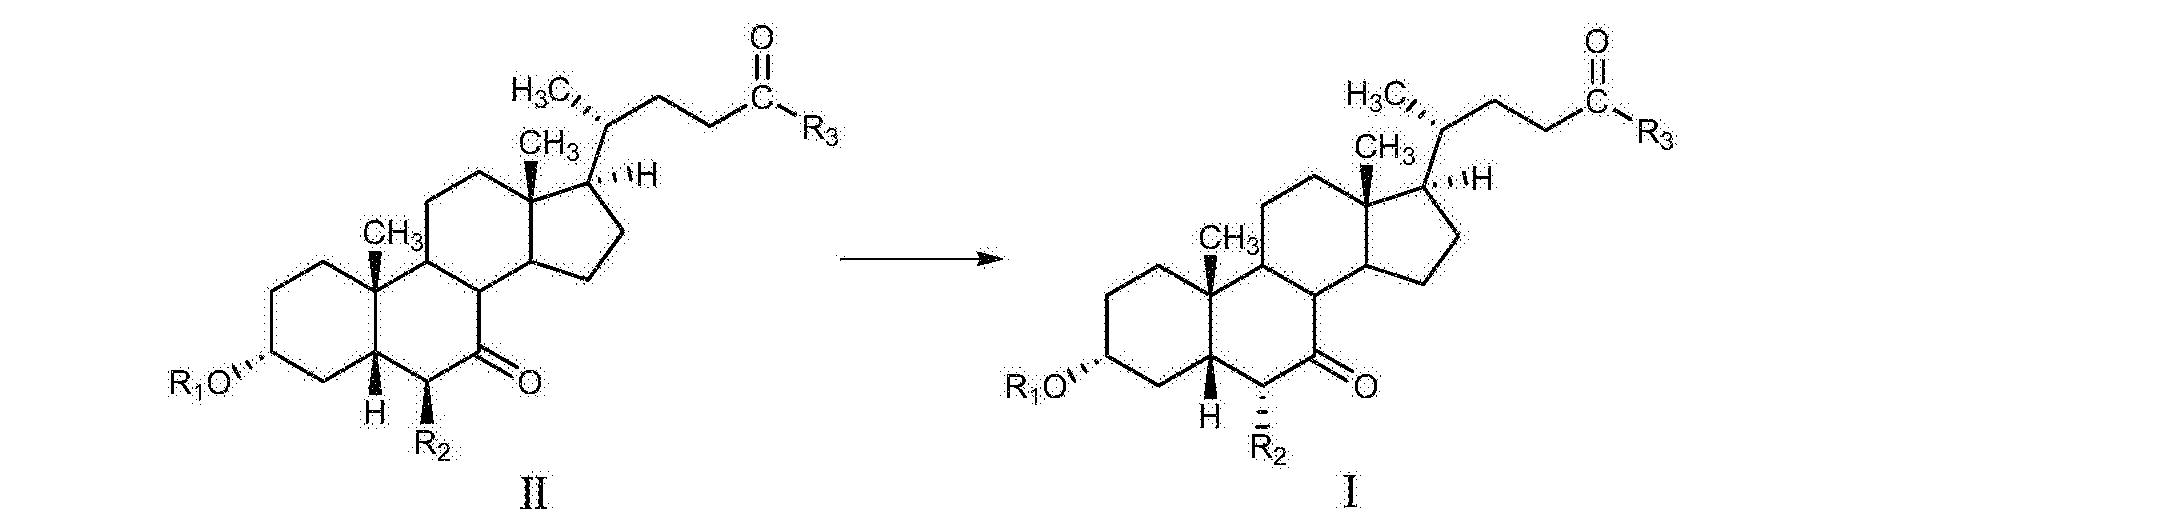 Figure CN105669811AC00052